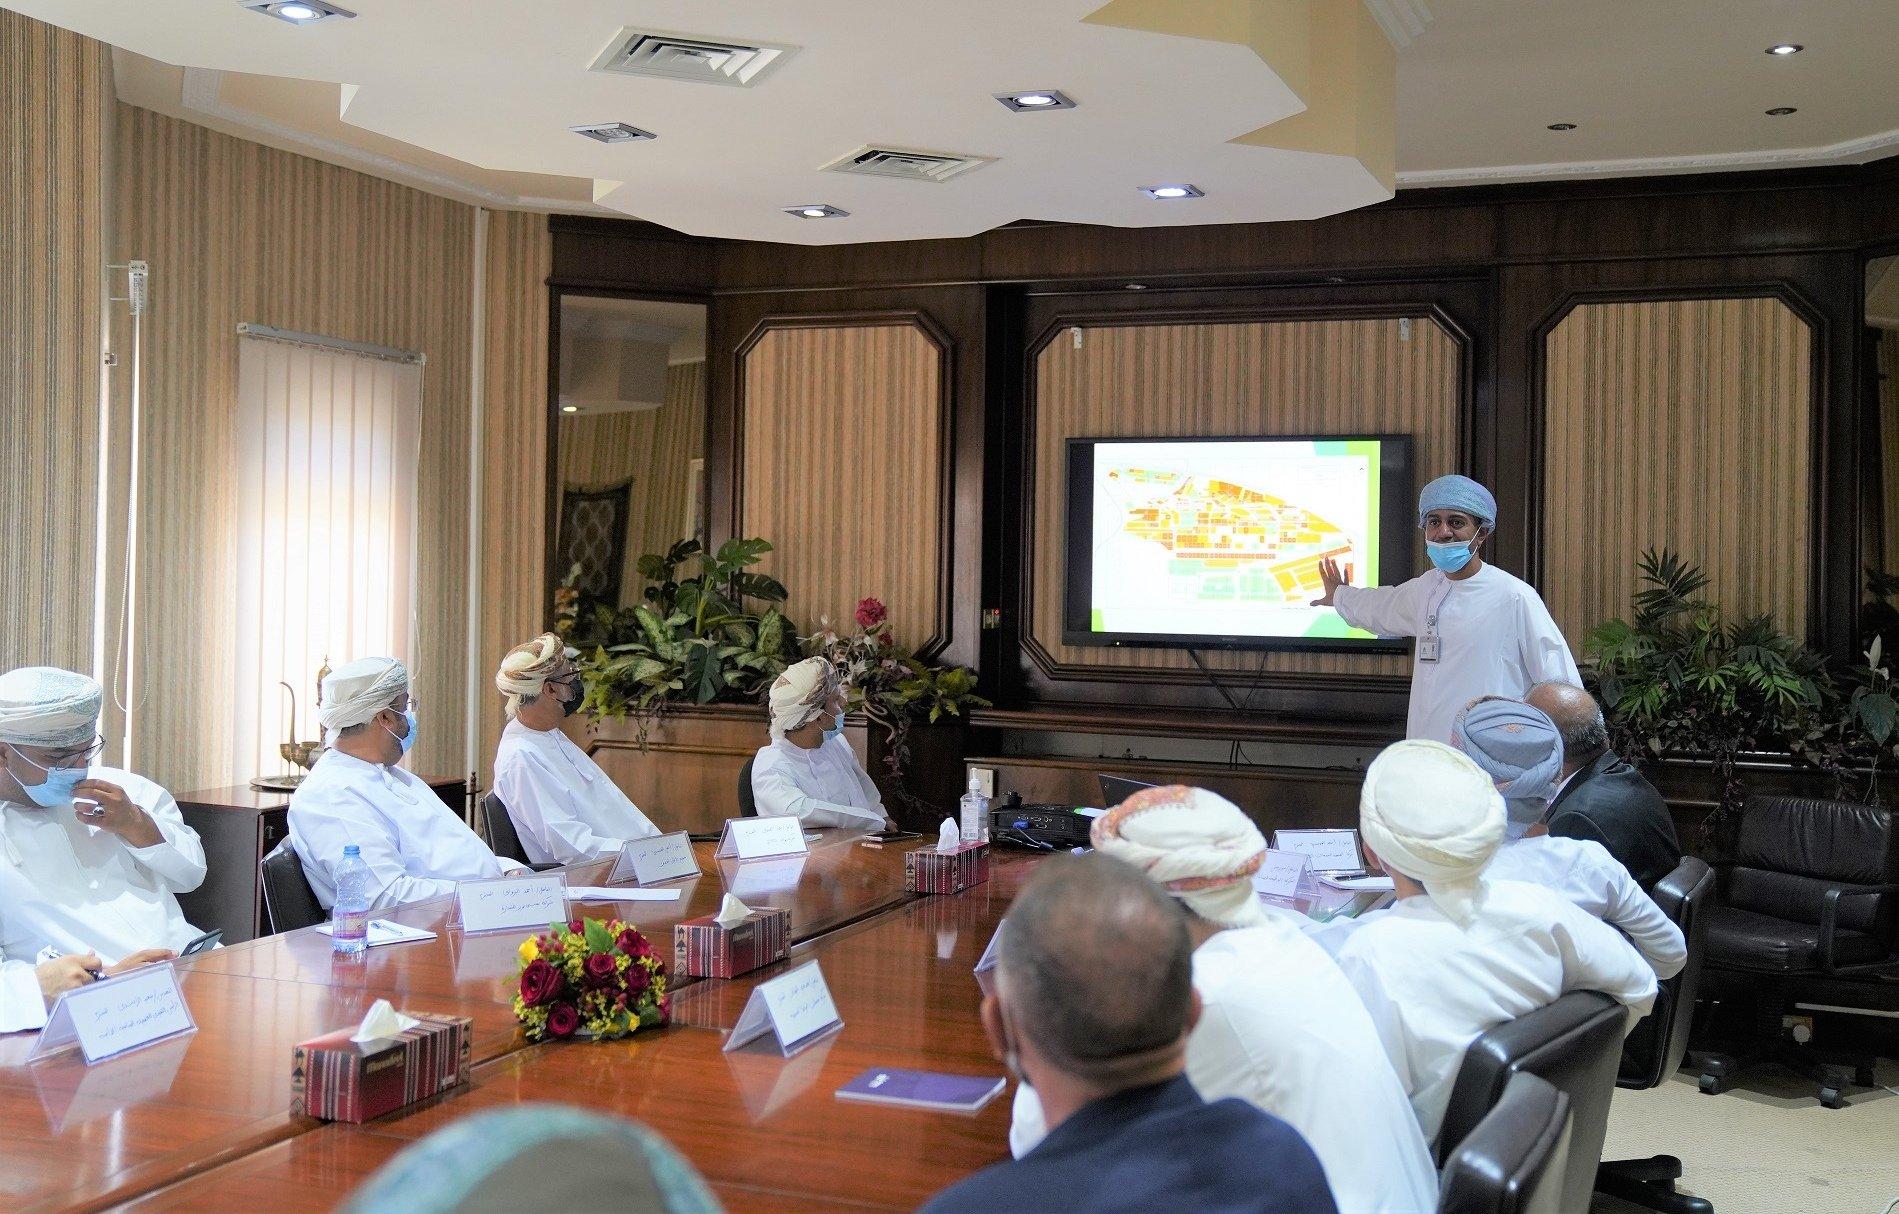 """وزير """"التجارة"""" يبحث سبل تعزيز الصناعة العمانية مع مجموعة من المستثمرين"""